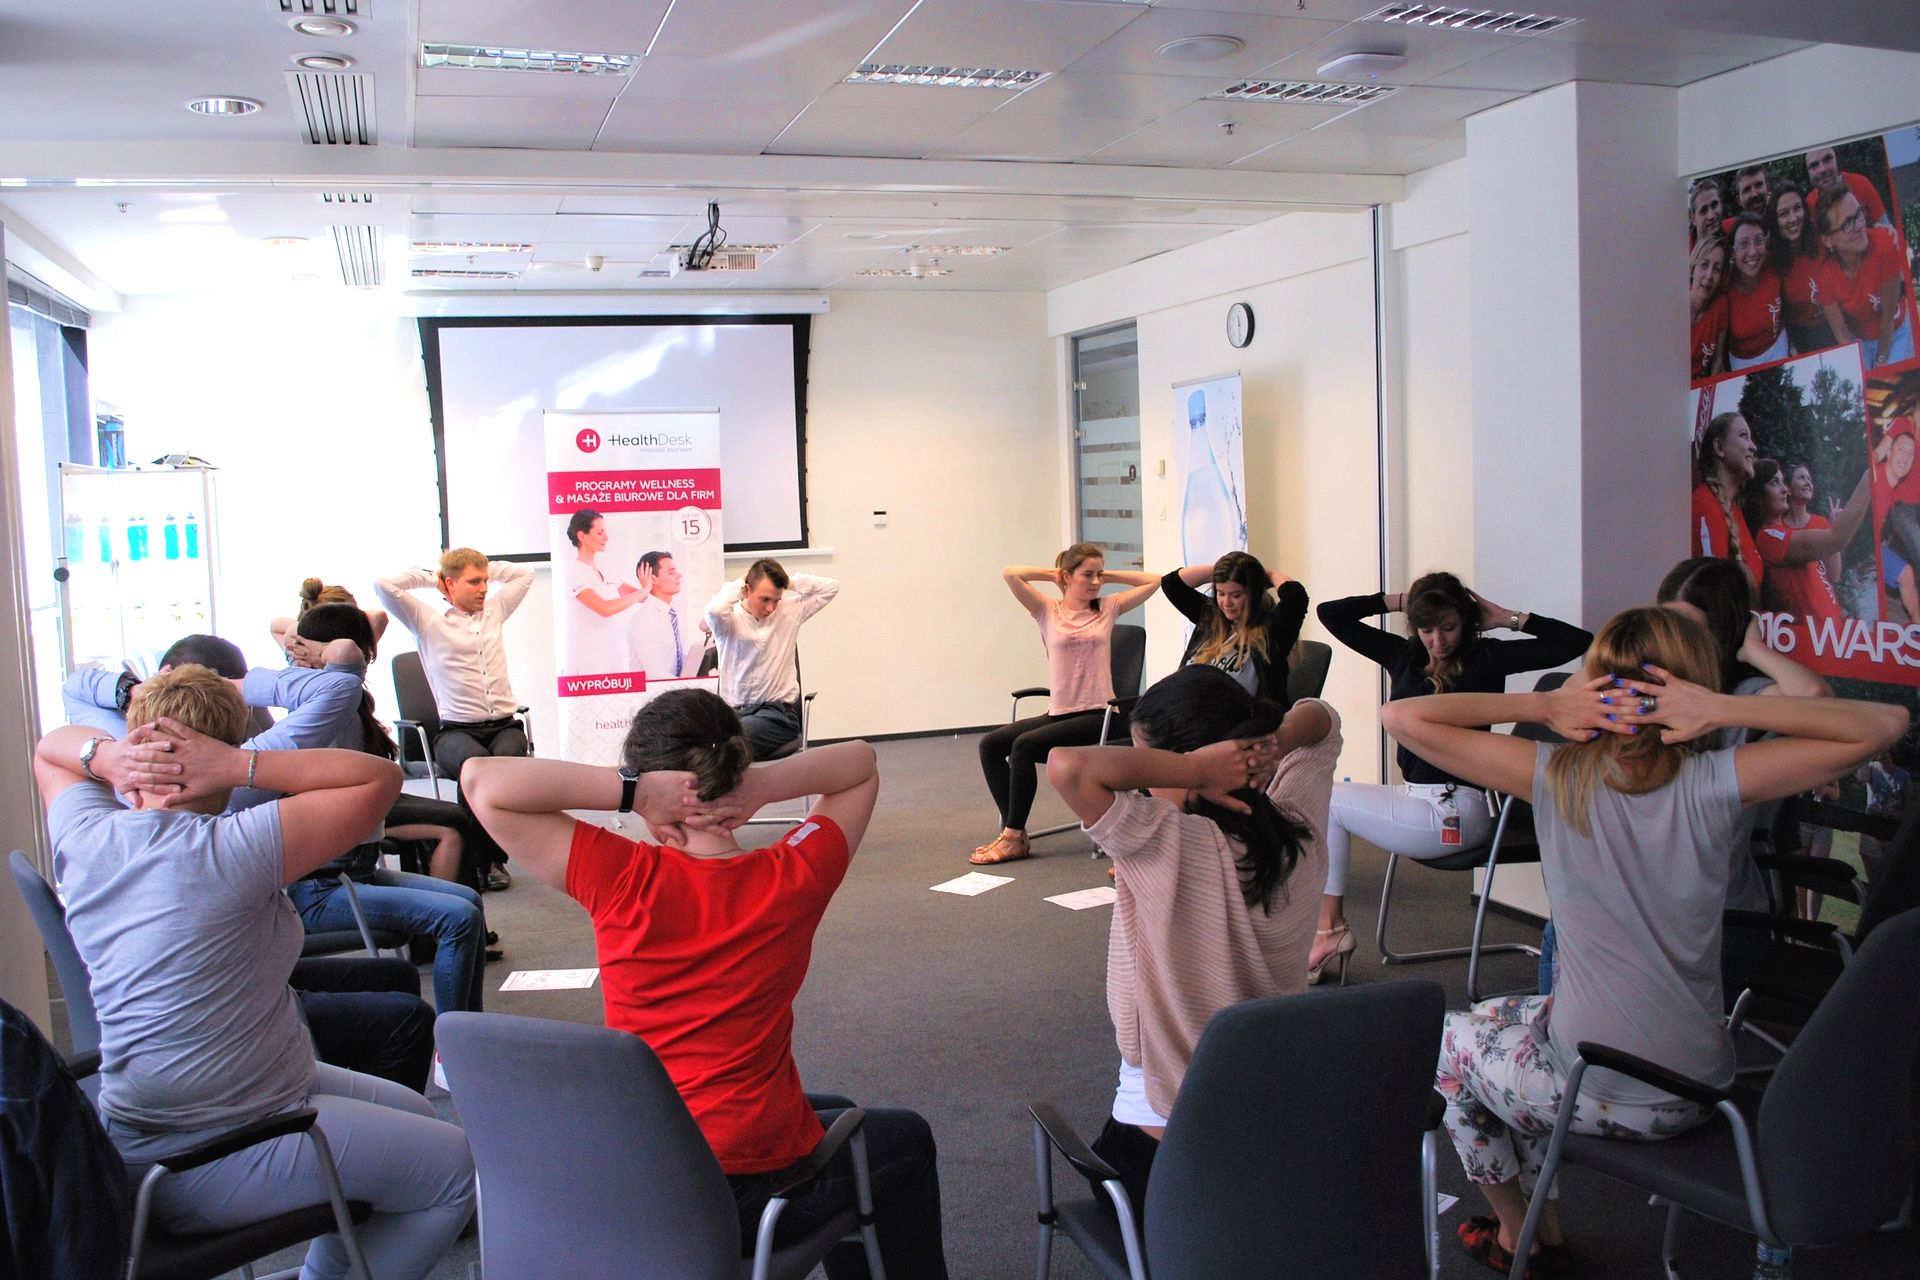 Ćwiczenia w pracy i stretching w firmie od HealthDesk 1